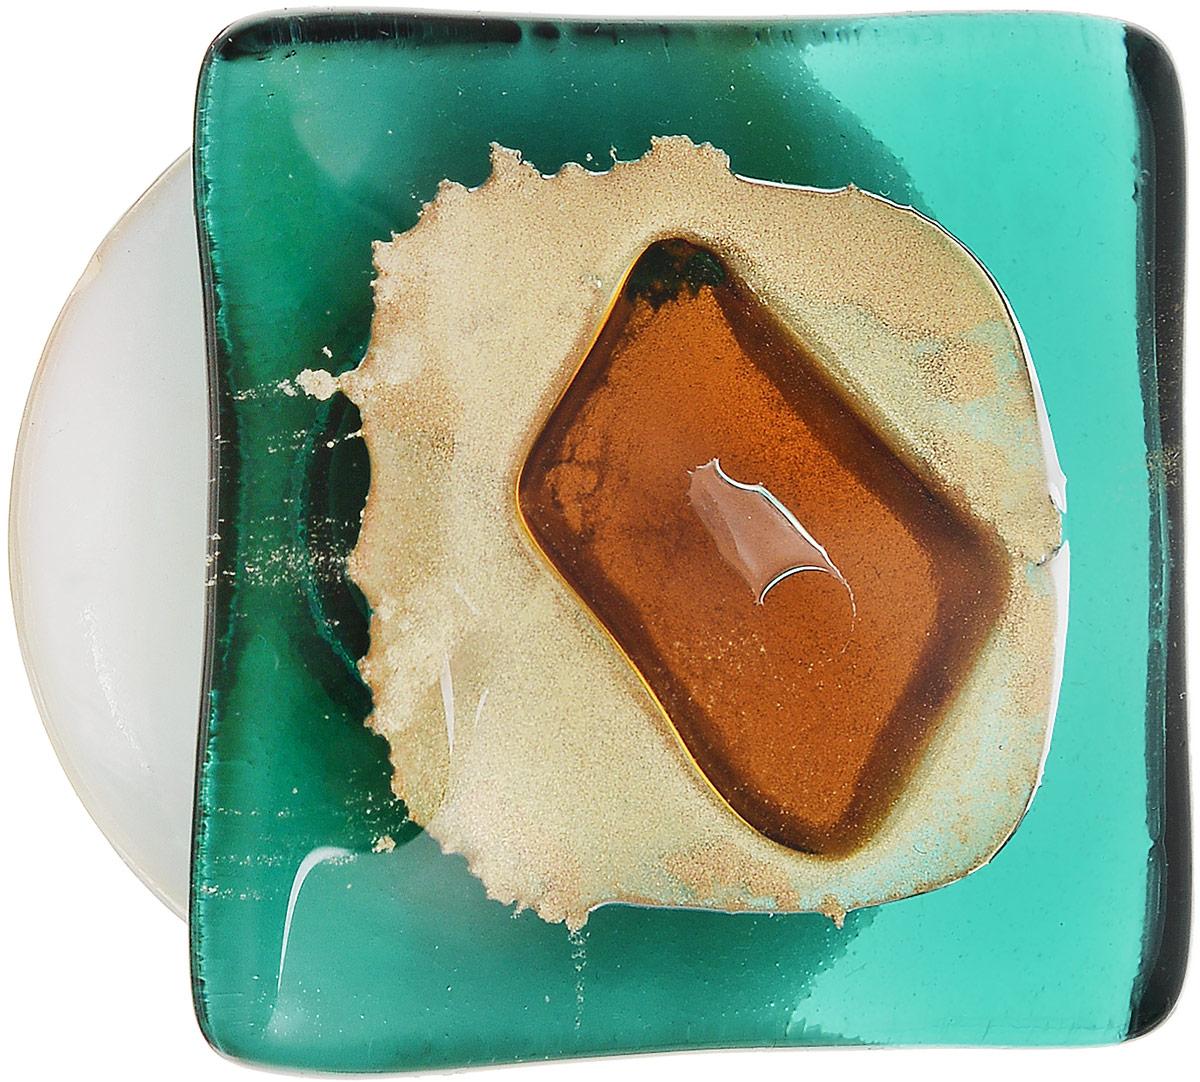 Брошь Сотворение мира. Муранское стекло, магнит, ручная работа. Murano, Италия (Венеция)ОС29224Брошь Сотворение мира. Муранское стекло, магнит, ручная работа. Murano, Италия (Венеция). Размер - 3 х 3 см. Тип крепления - магнит. Брошь можно носить на одежде, шляпе, рюкзаке или сумке. Каждое изделие из муранского стекла уникально и может незначительно отличаться от того, что вы видите на фотографии.